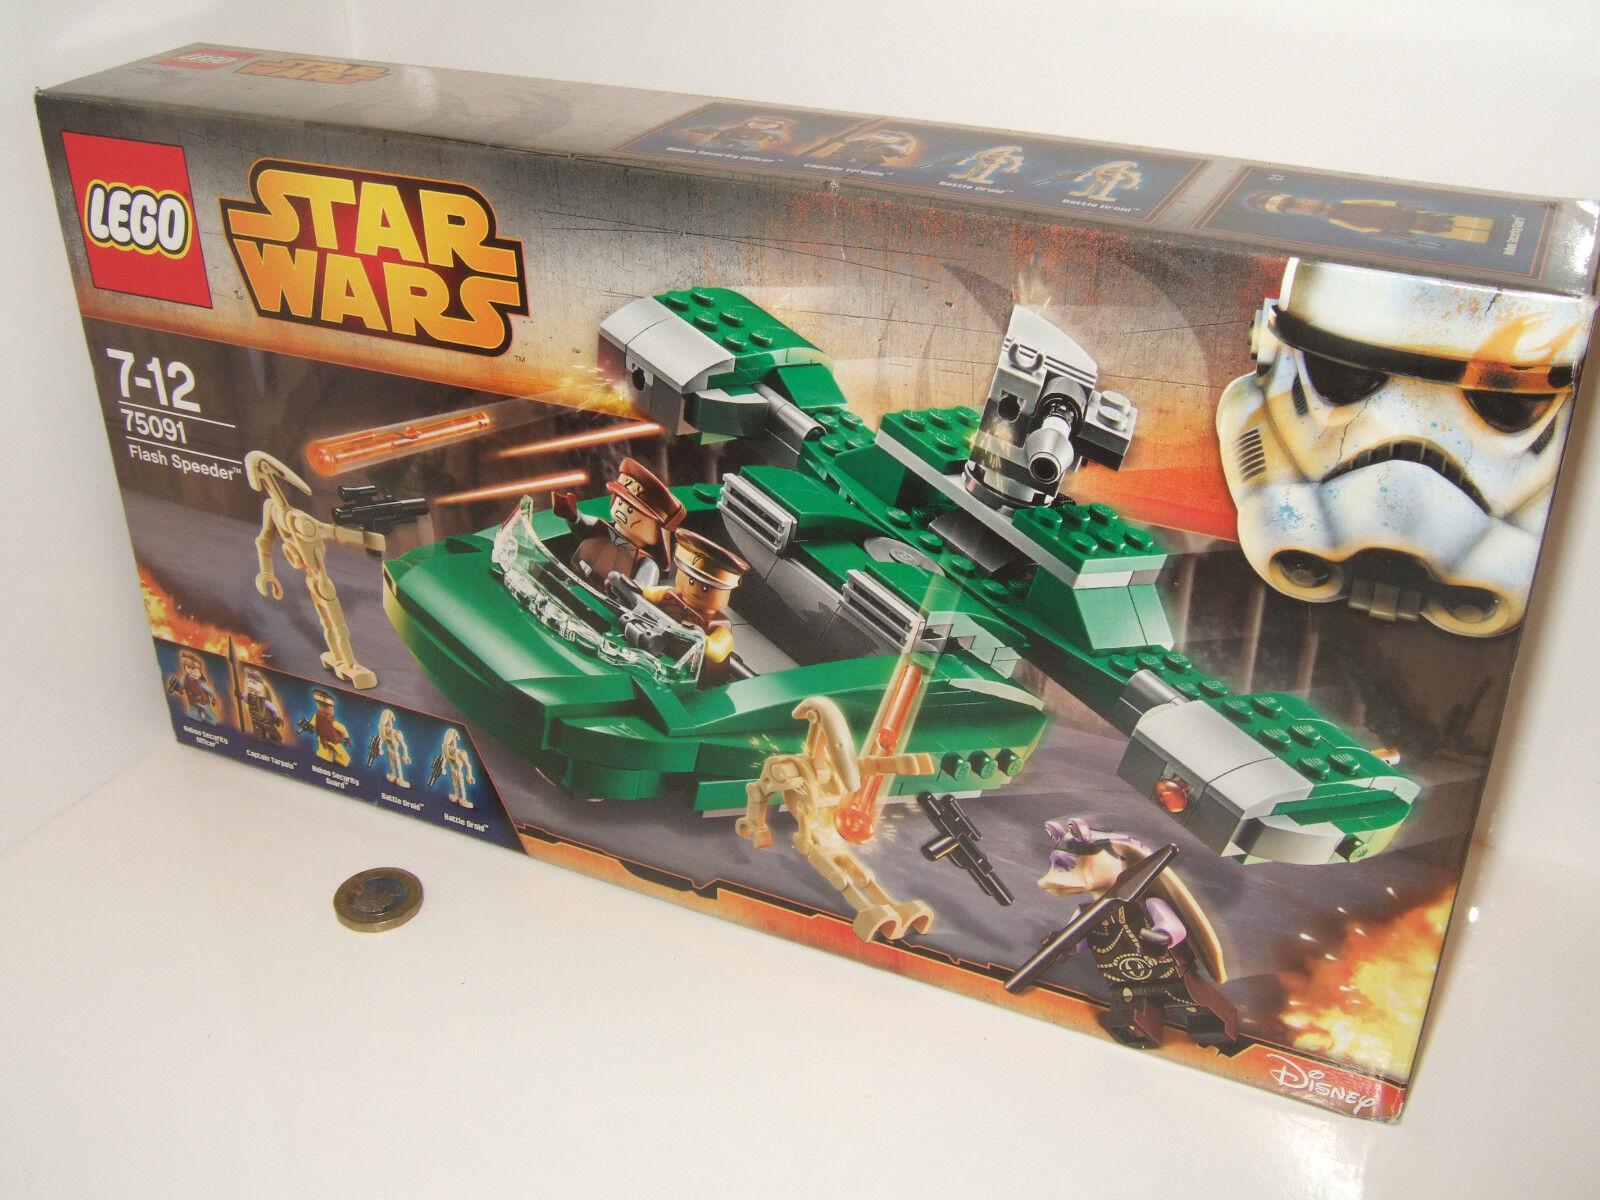 New Sealed Lego 75091 Flash Speeder Speeder Speeder with multi features and Figures 908a81